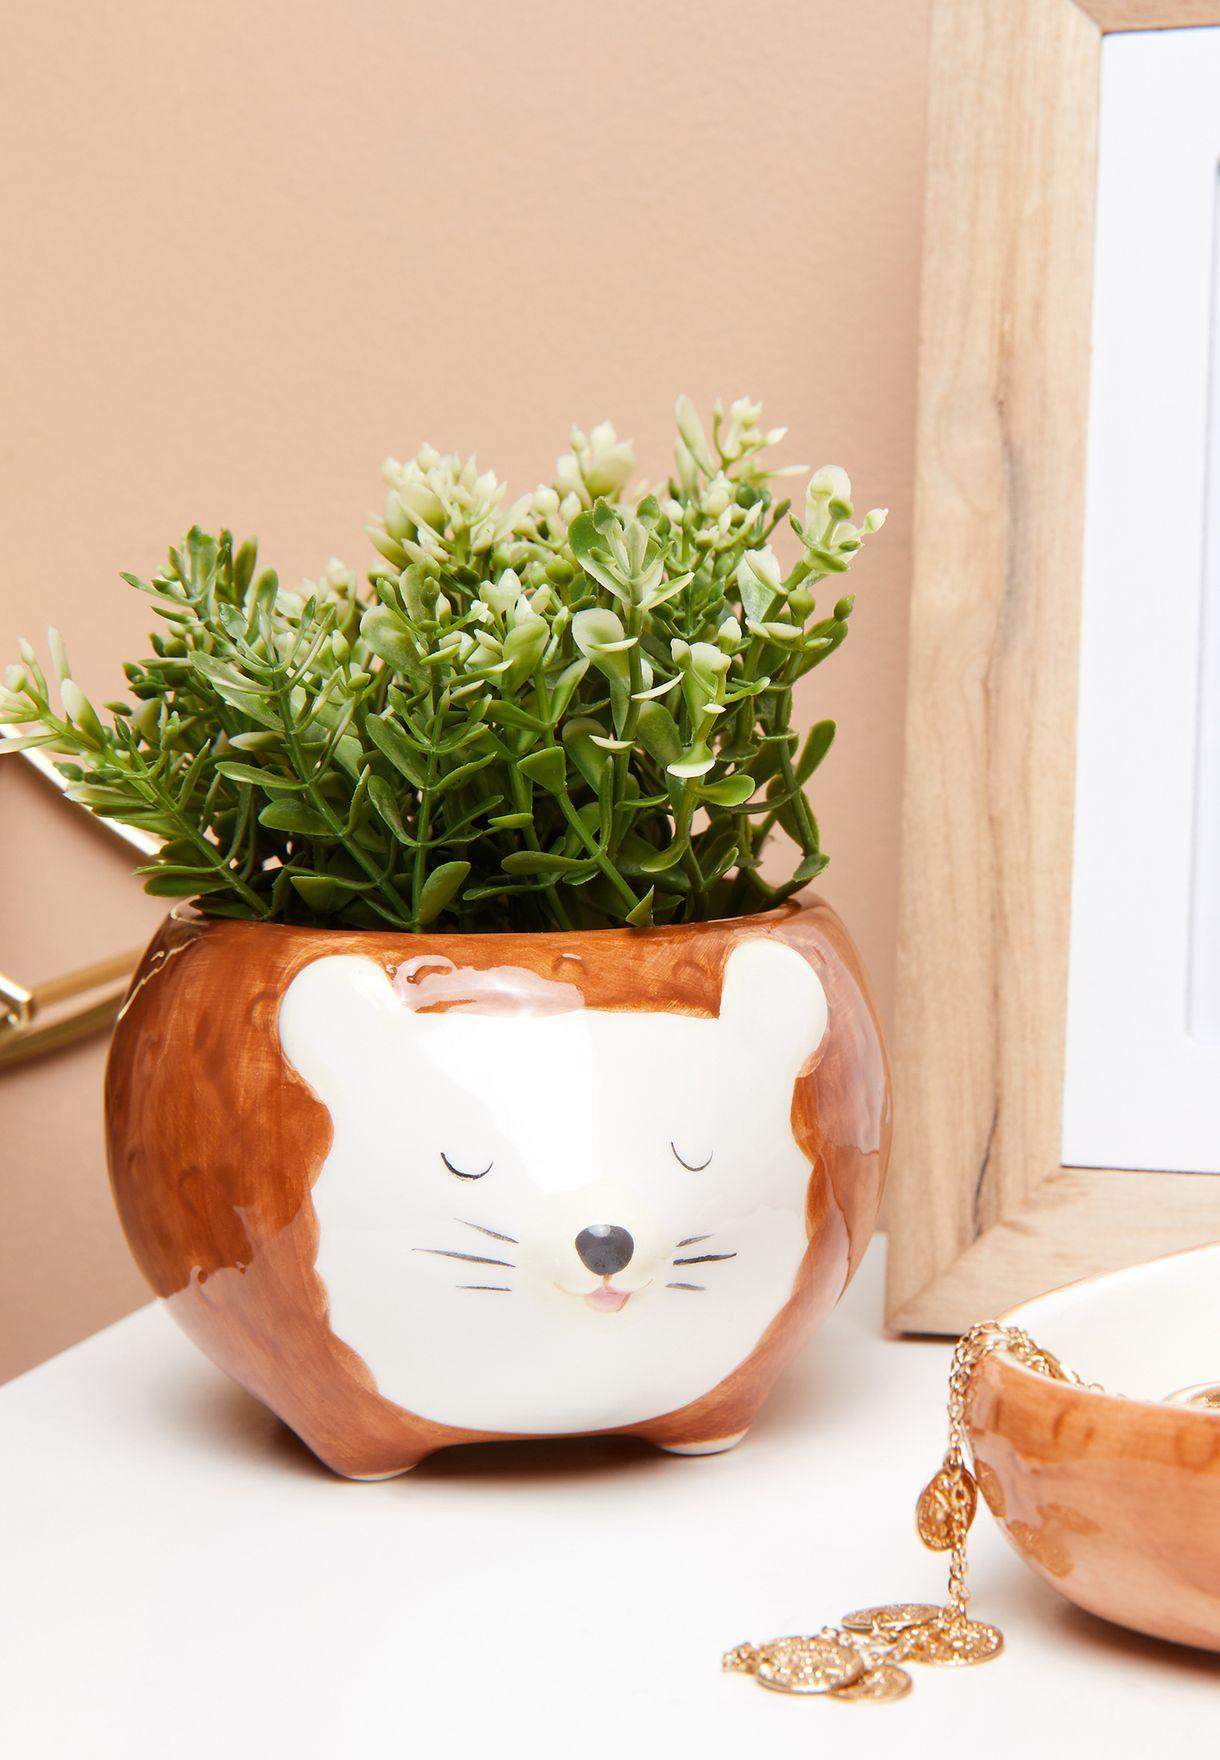 Hettie Hedgehog Planter